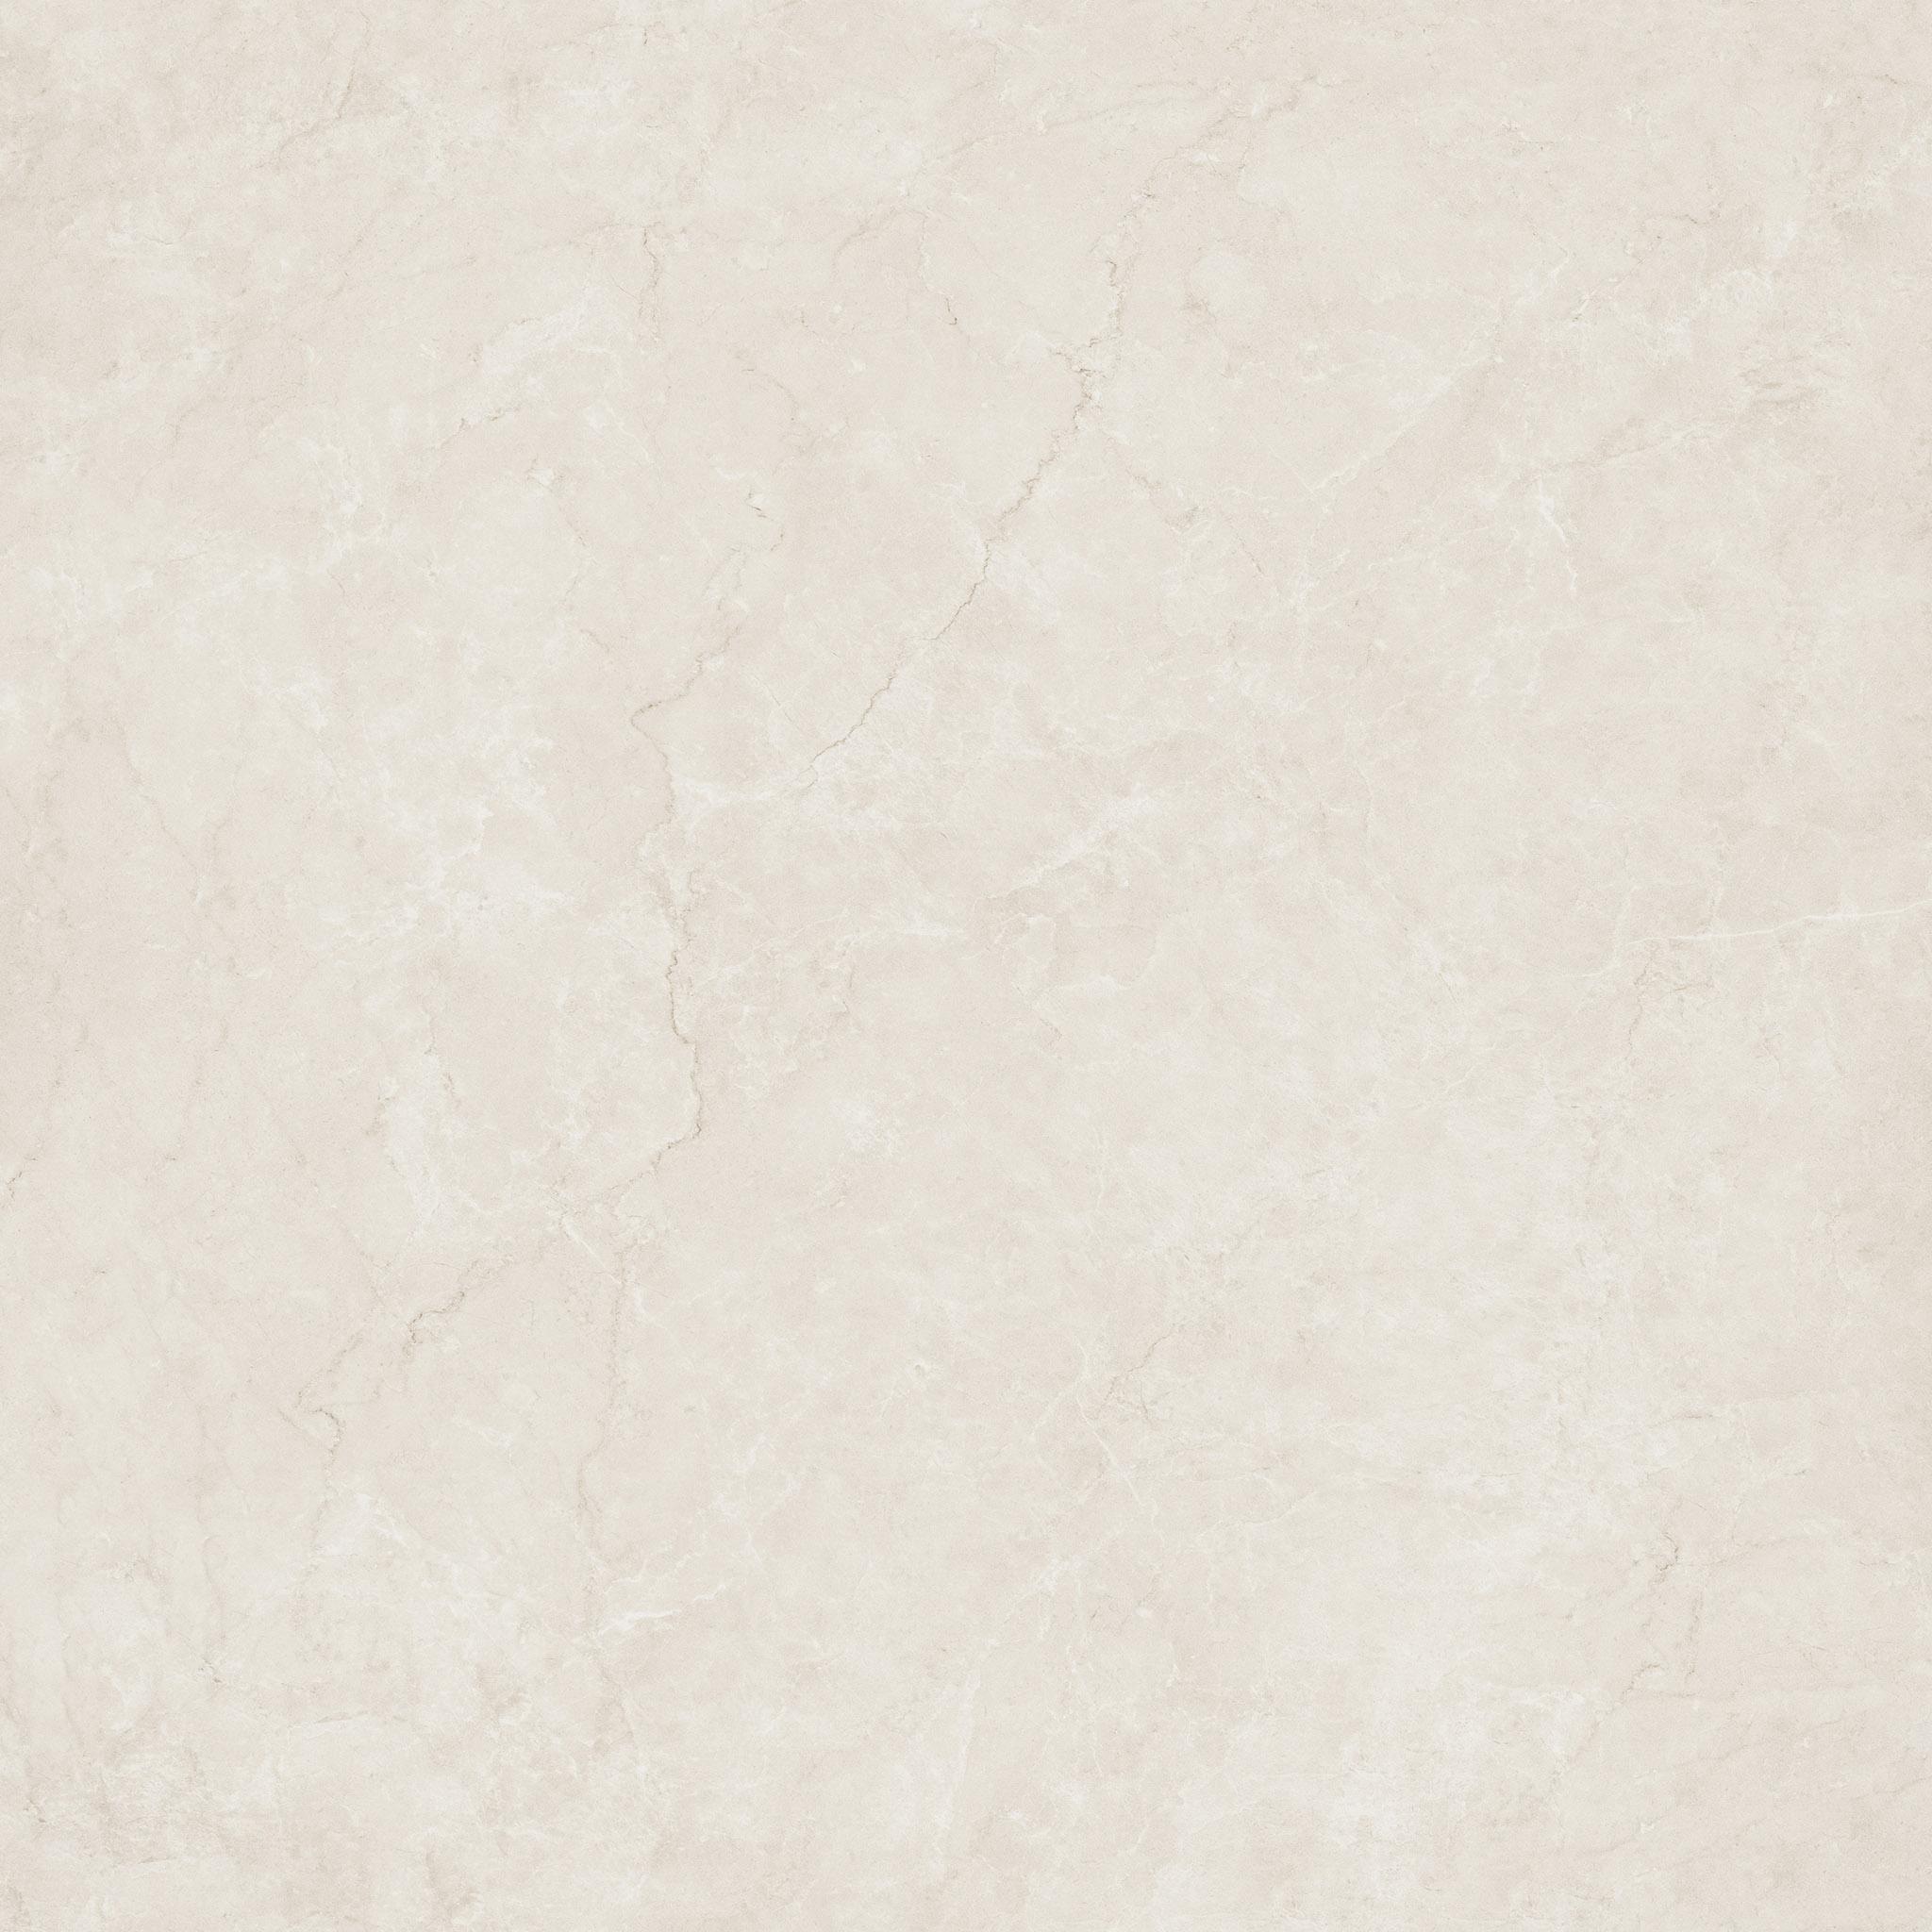 利华800×800通体大理石-P8T02L1尼斯米黄